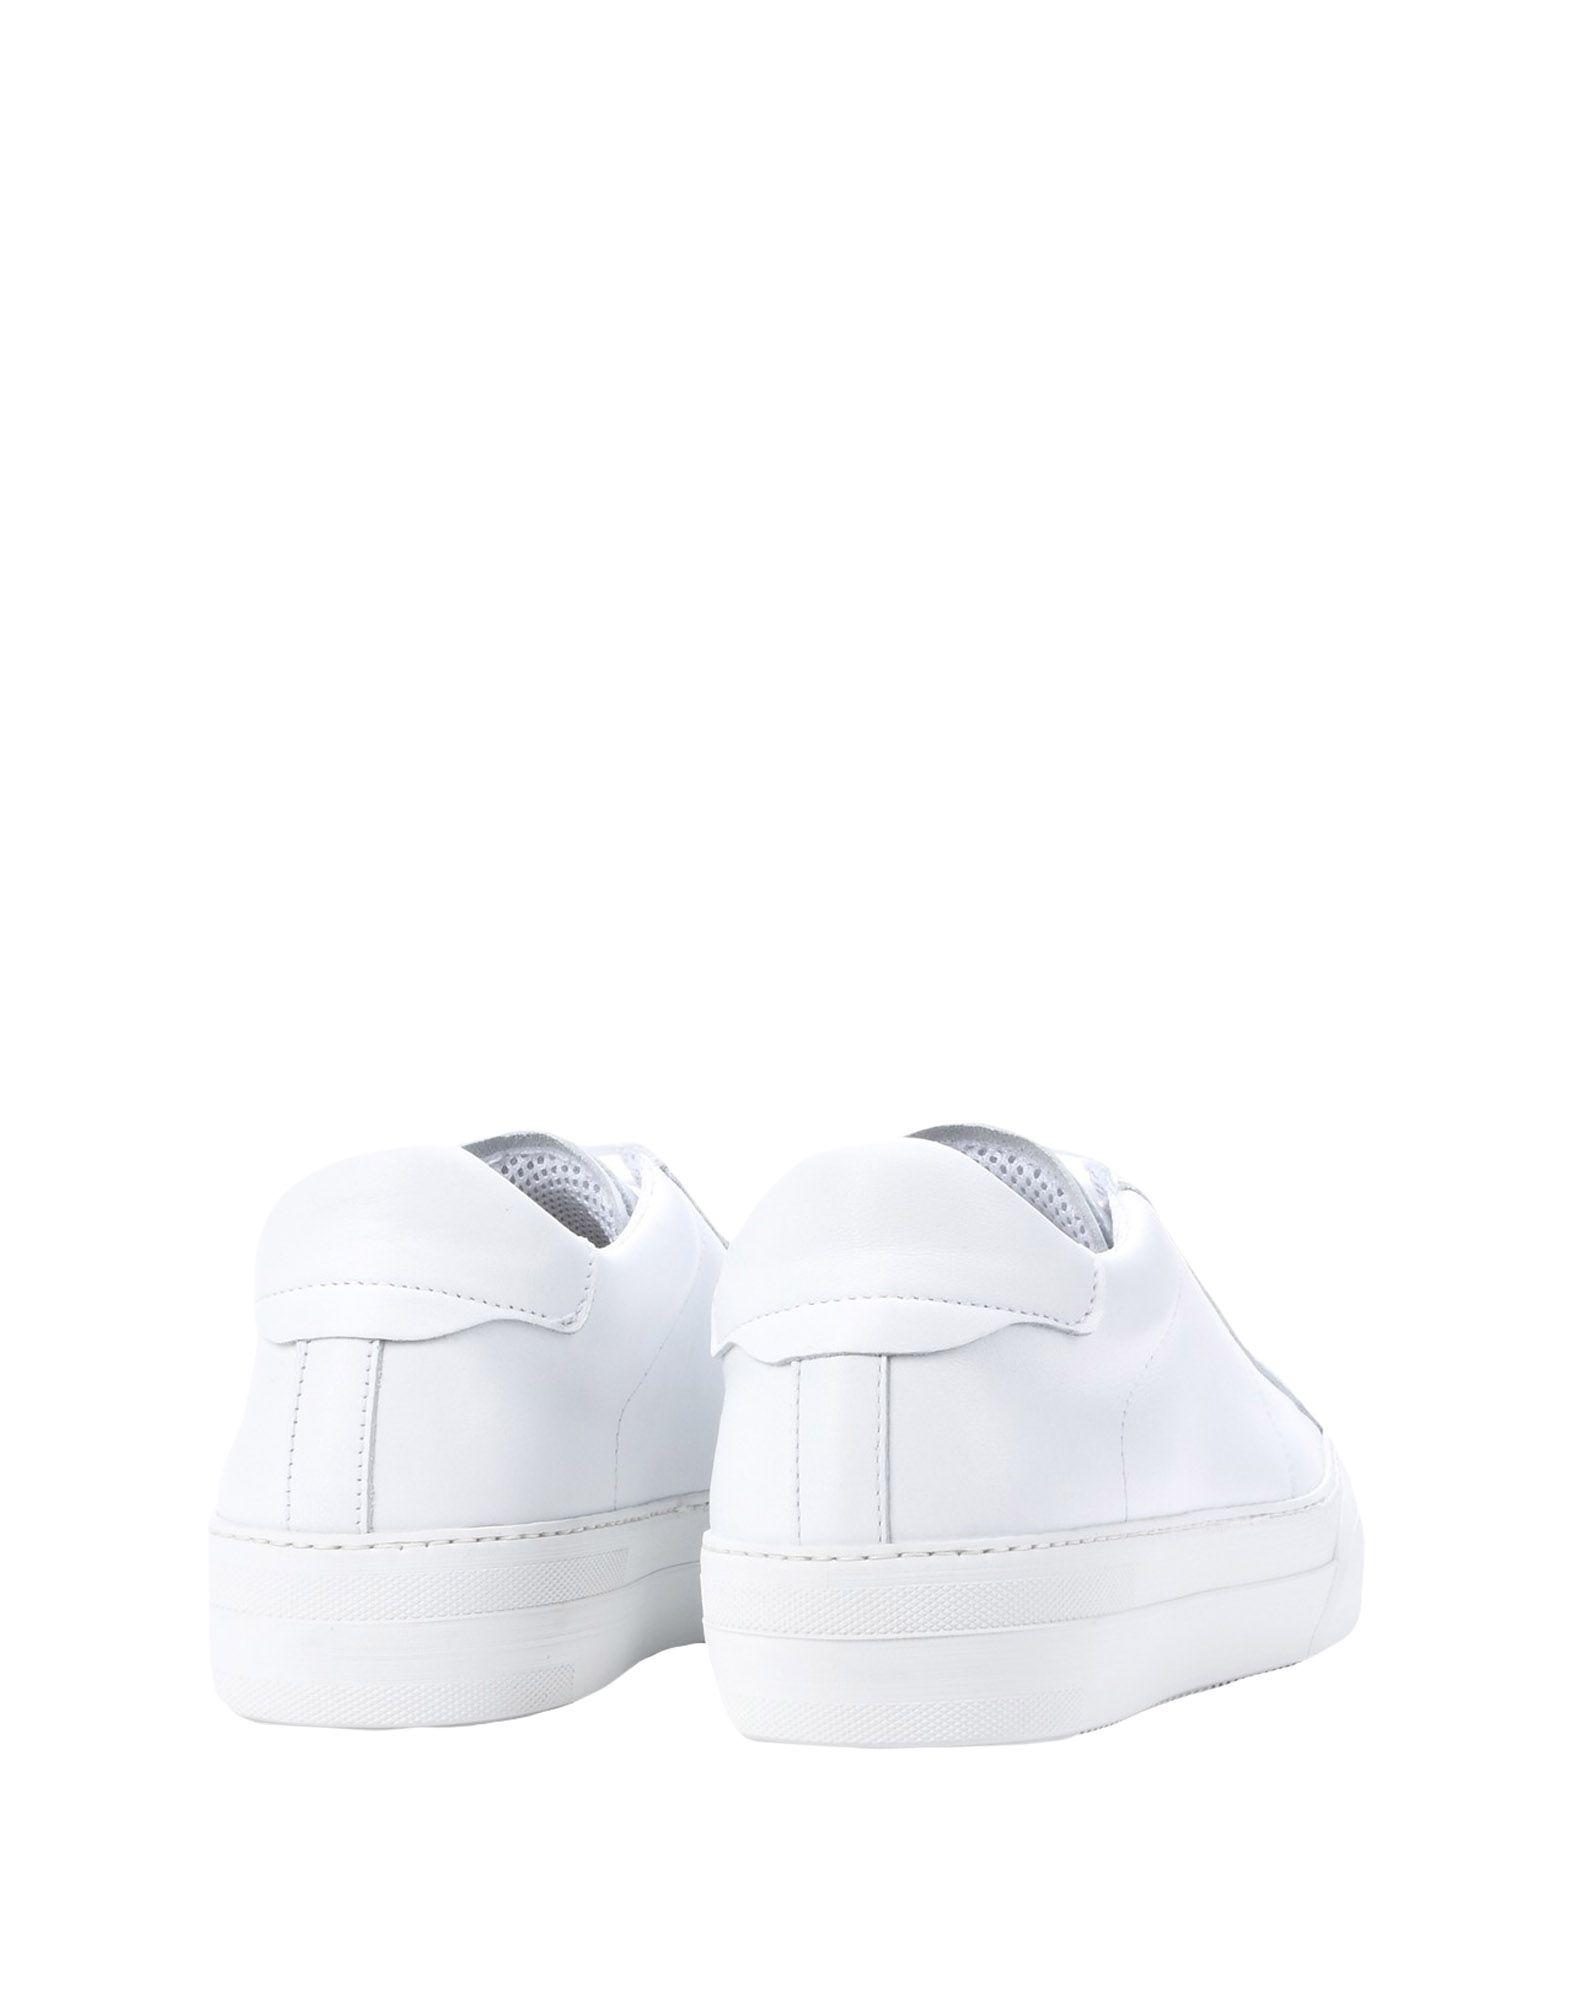 8 Heiße Sneakers Herren  11406934IV Heiße 8 Schuhe de49a4